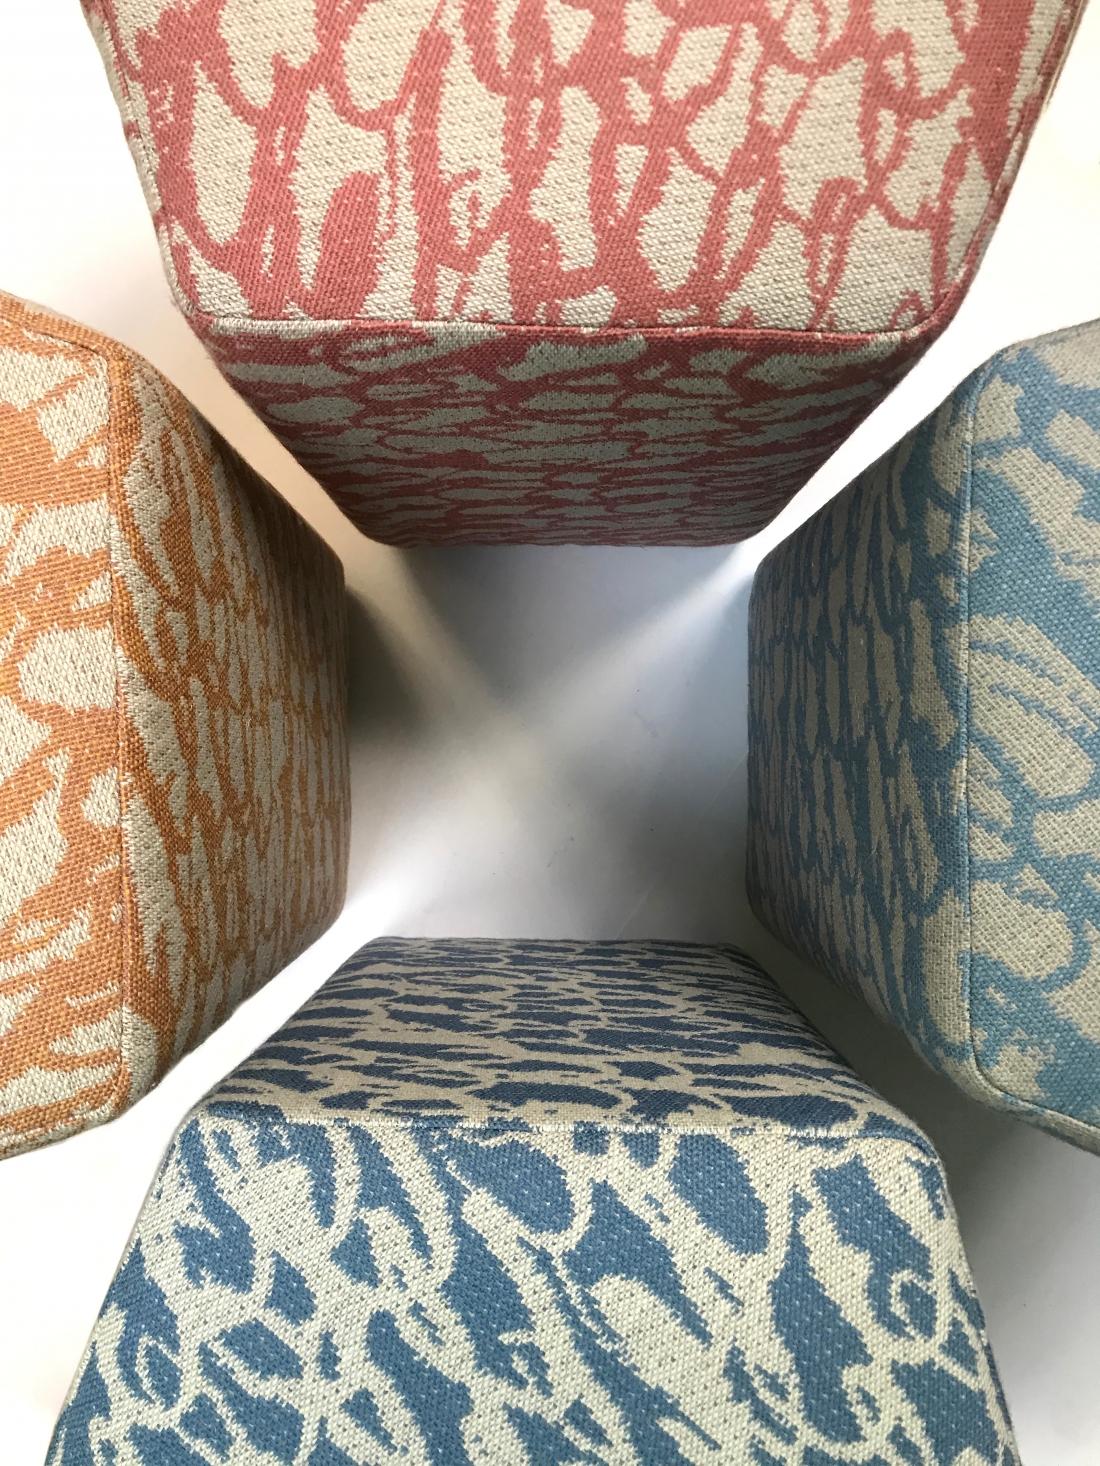 Image by Ella Doran - Julian Mayor Pentagon stools